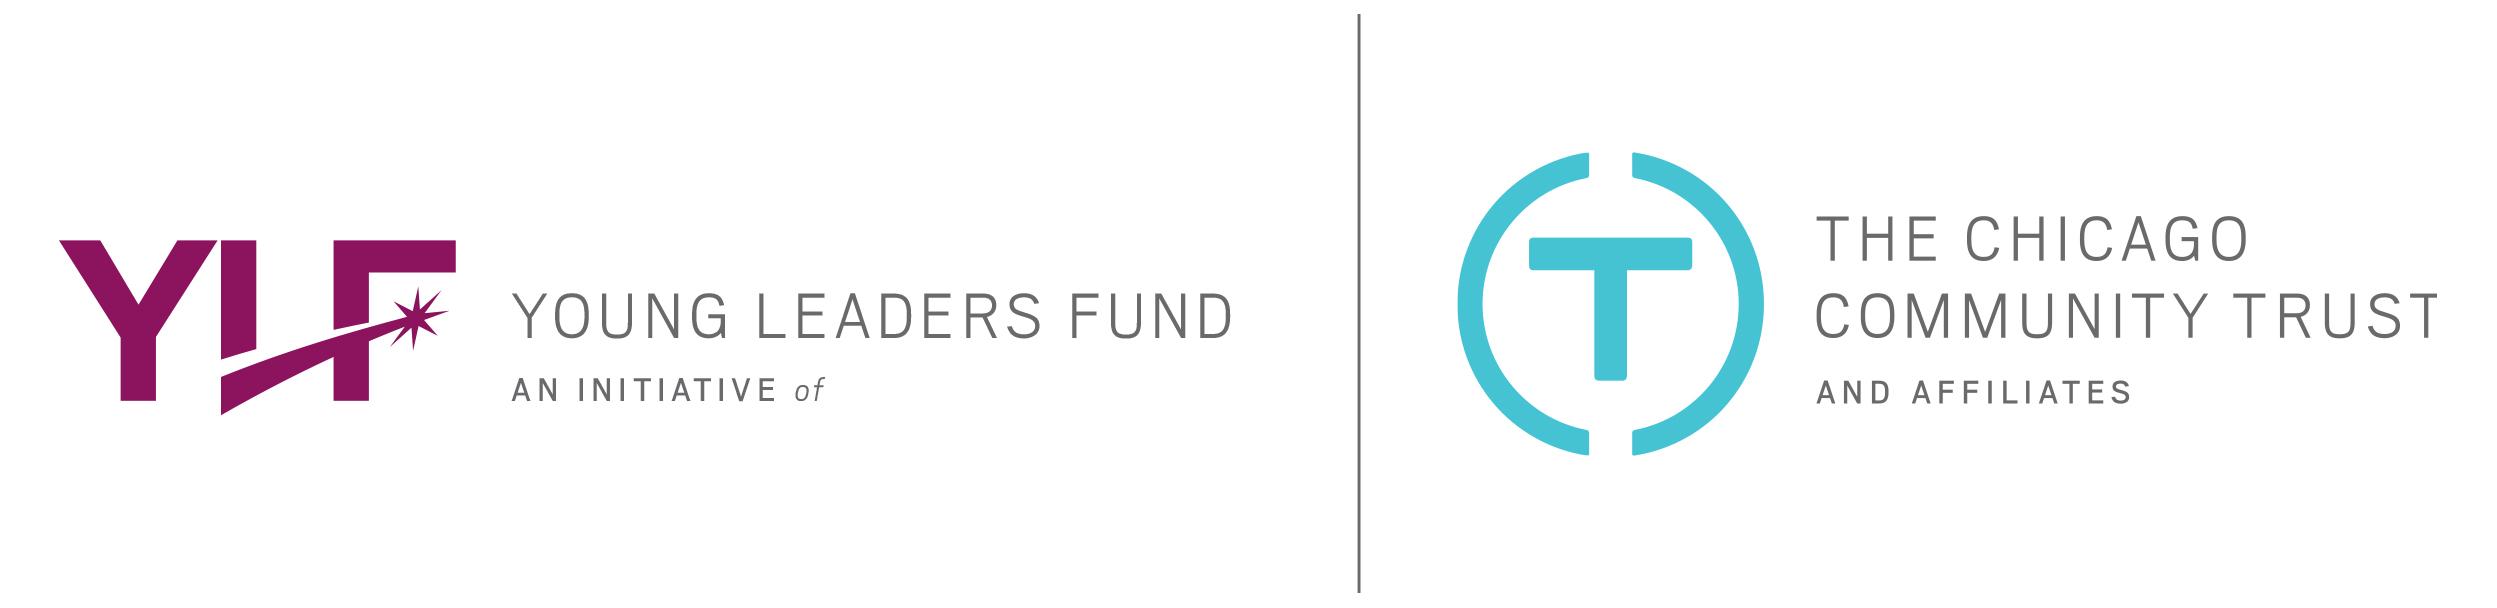 YLF_logo.jpg